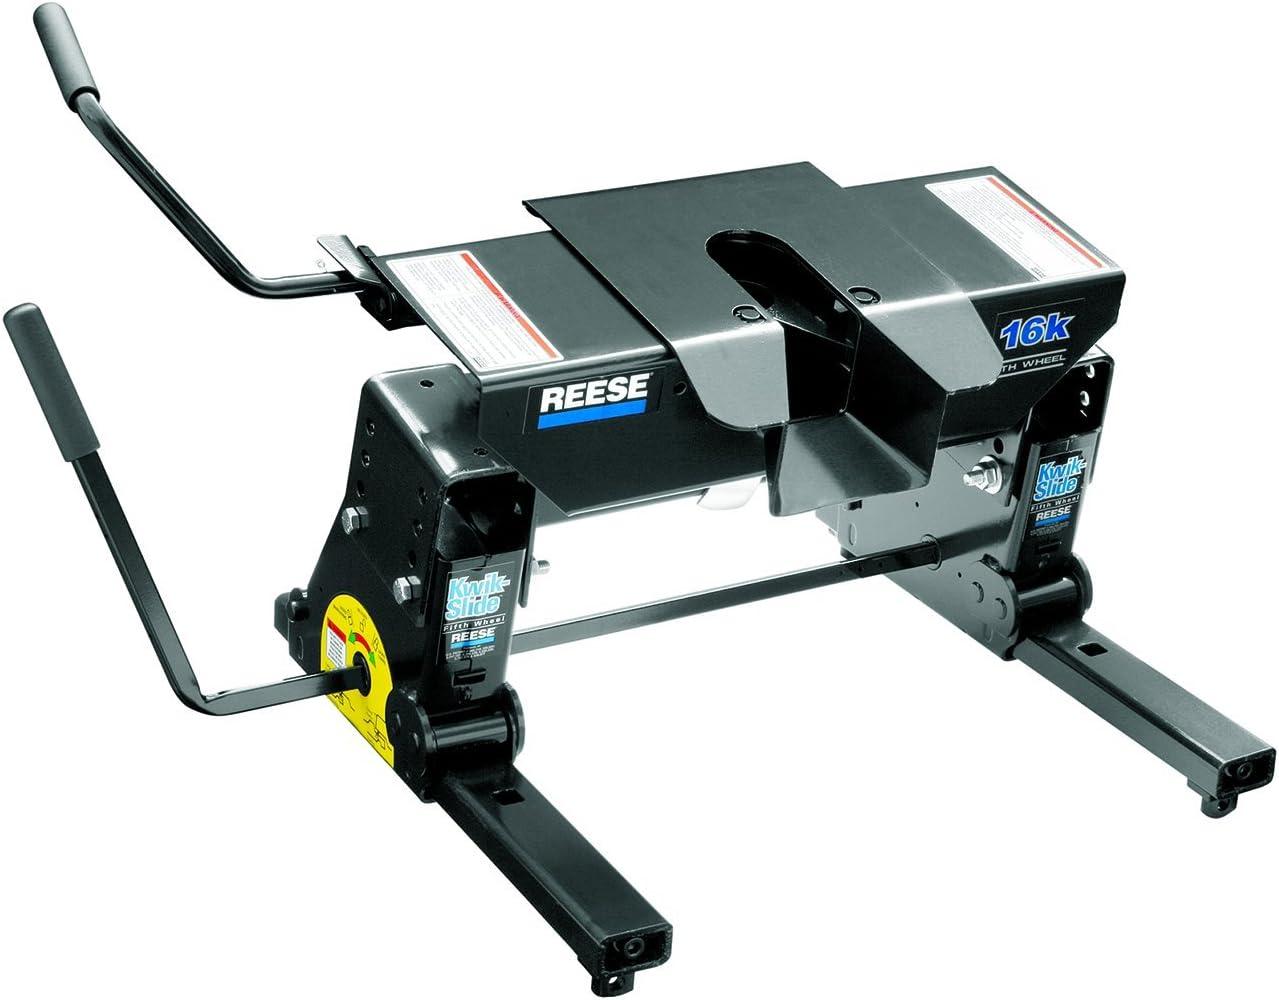 Reese Towpower 30051 16K Fifth Wheel w//Kwik-Slide